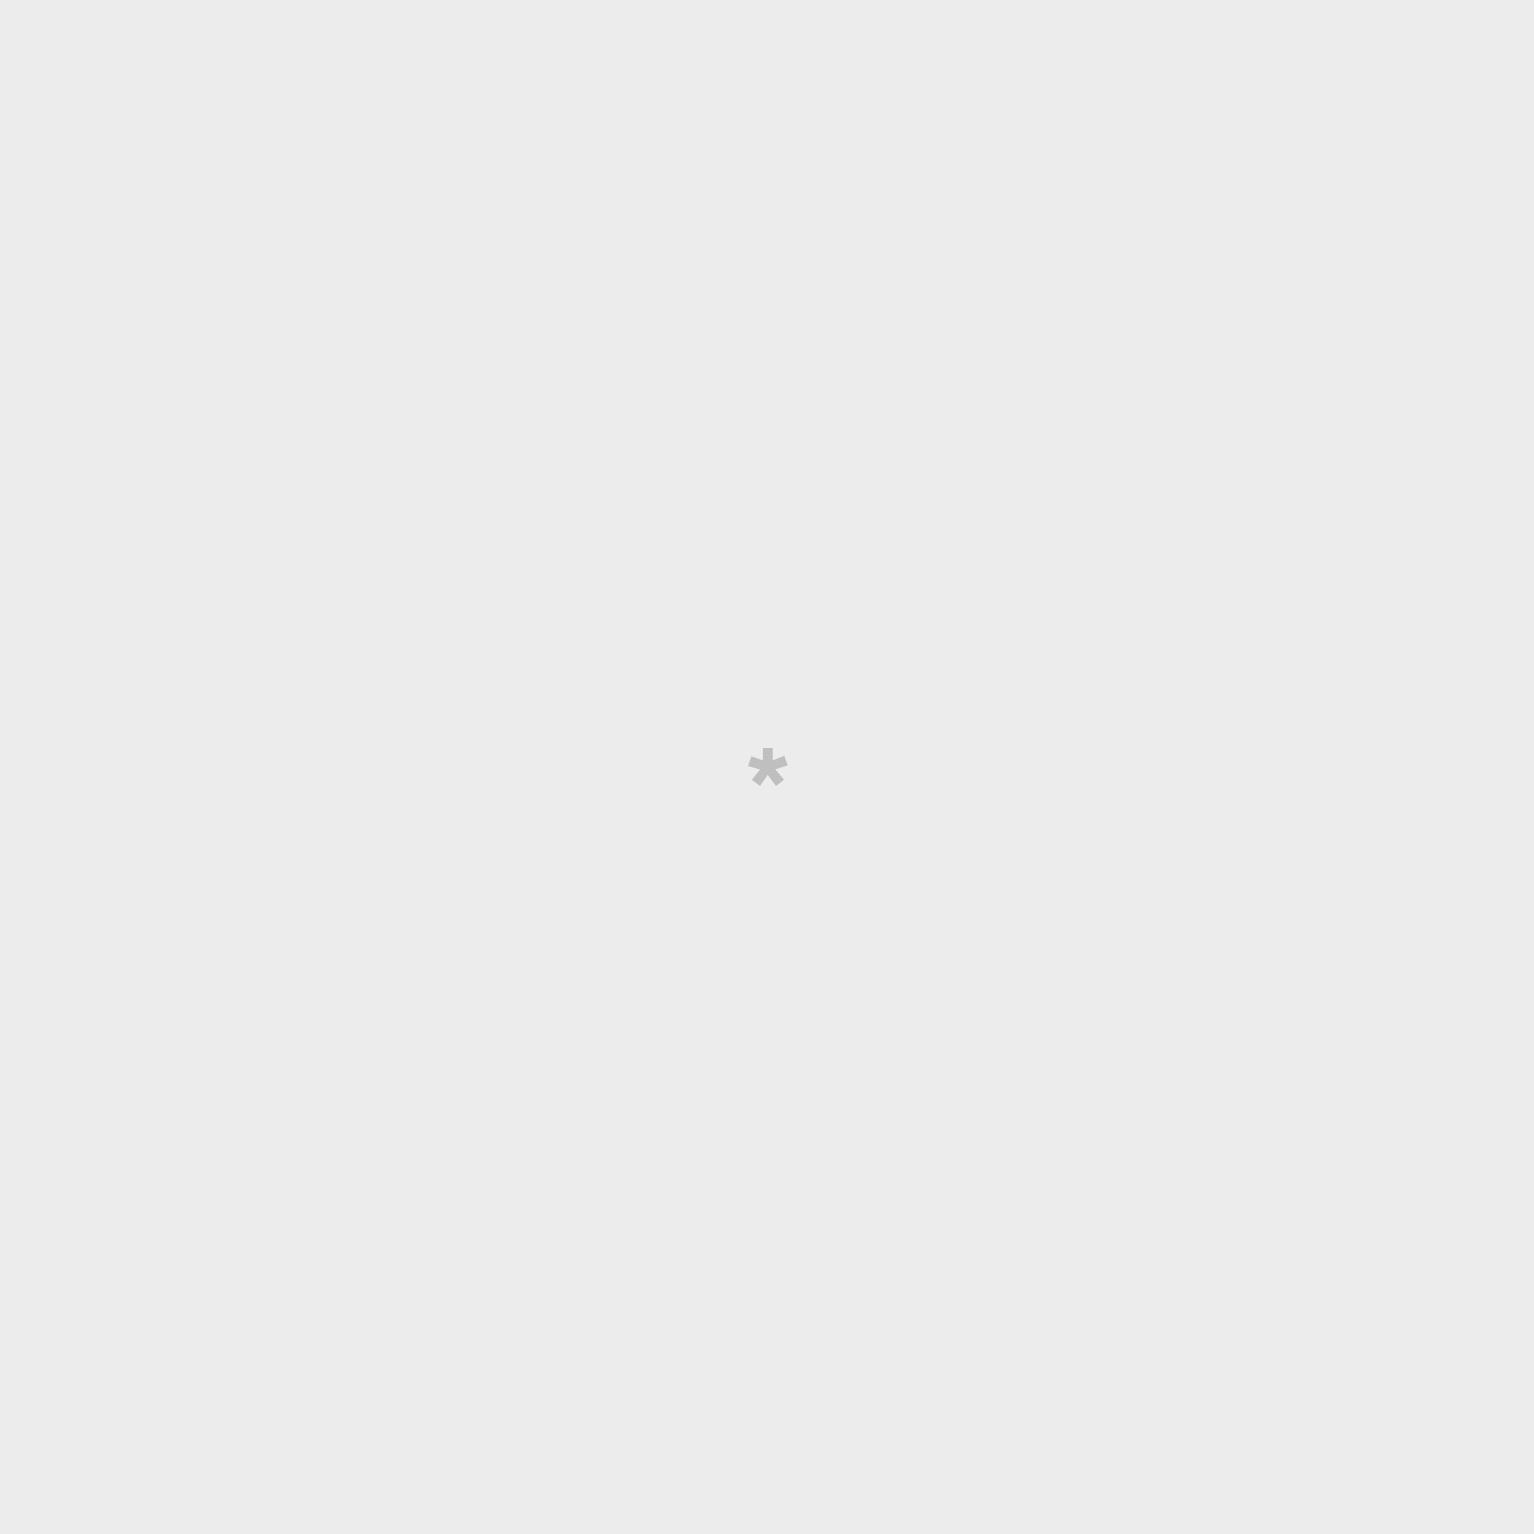 Bolsa porta alimentos - Disfruta de la vida